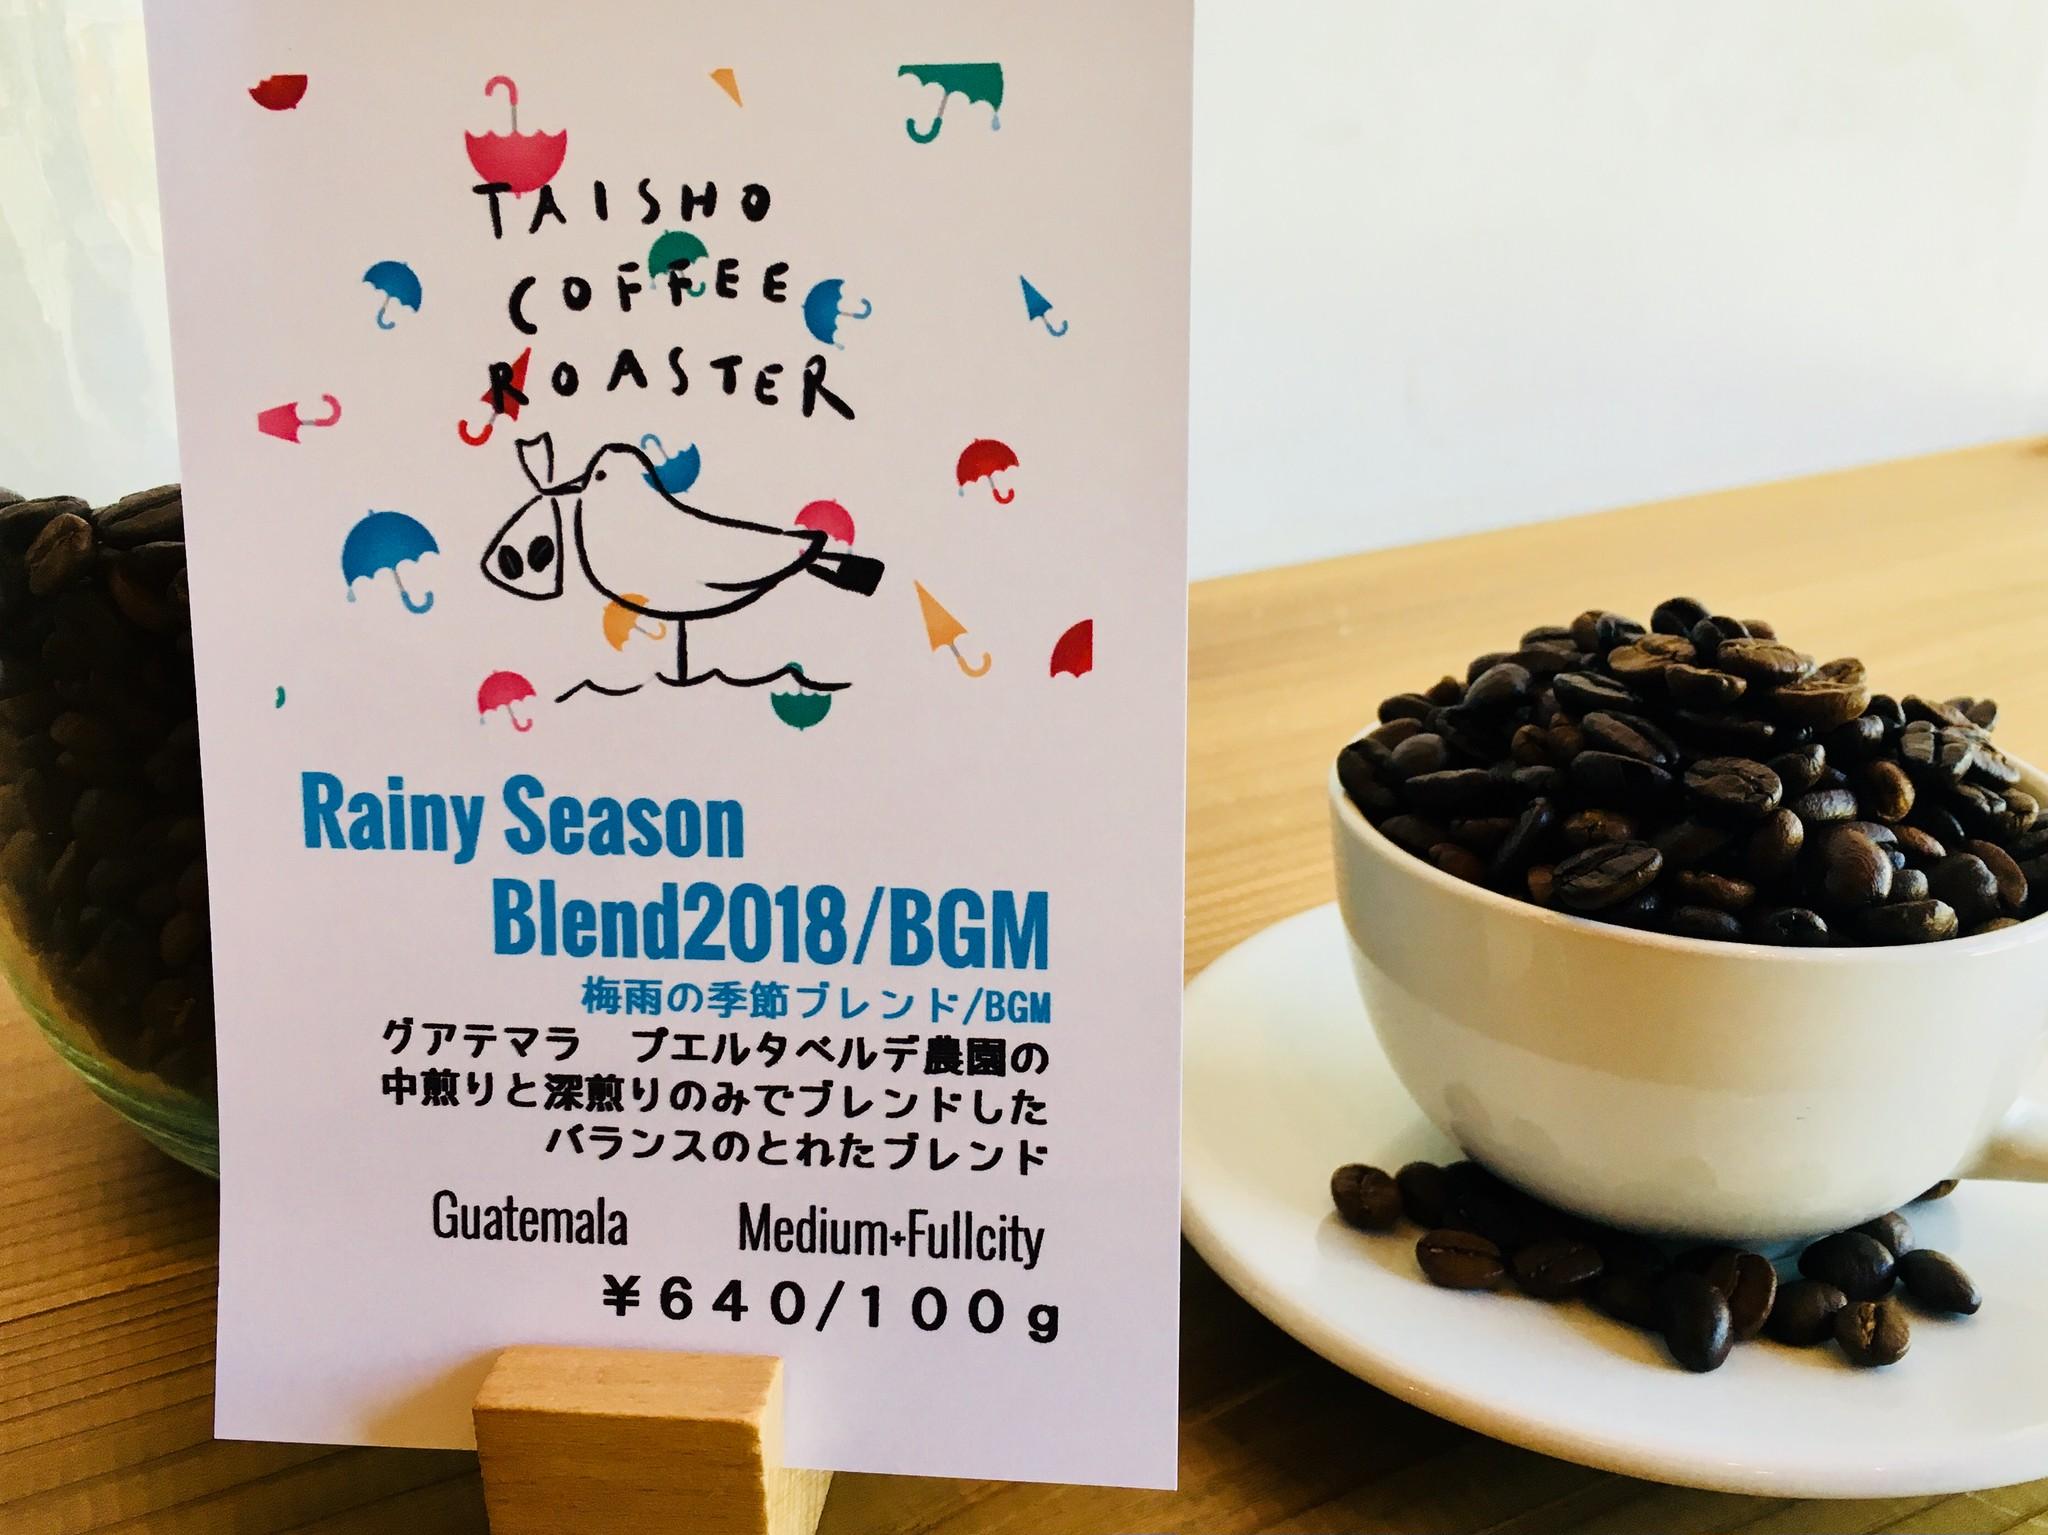 【期間限定】梅雨の季節のブレンド/BGM 登場です!【6月末日まで】